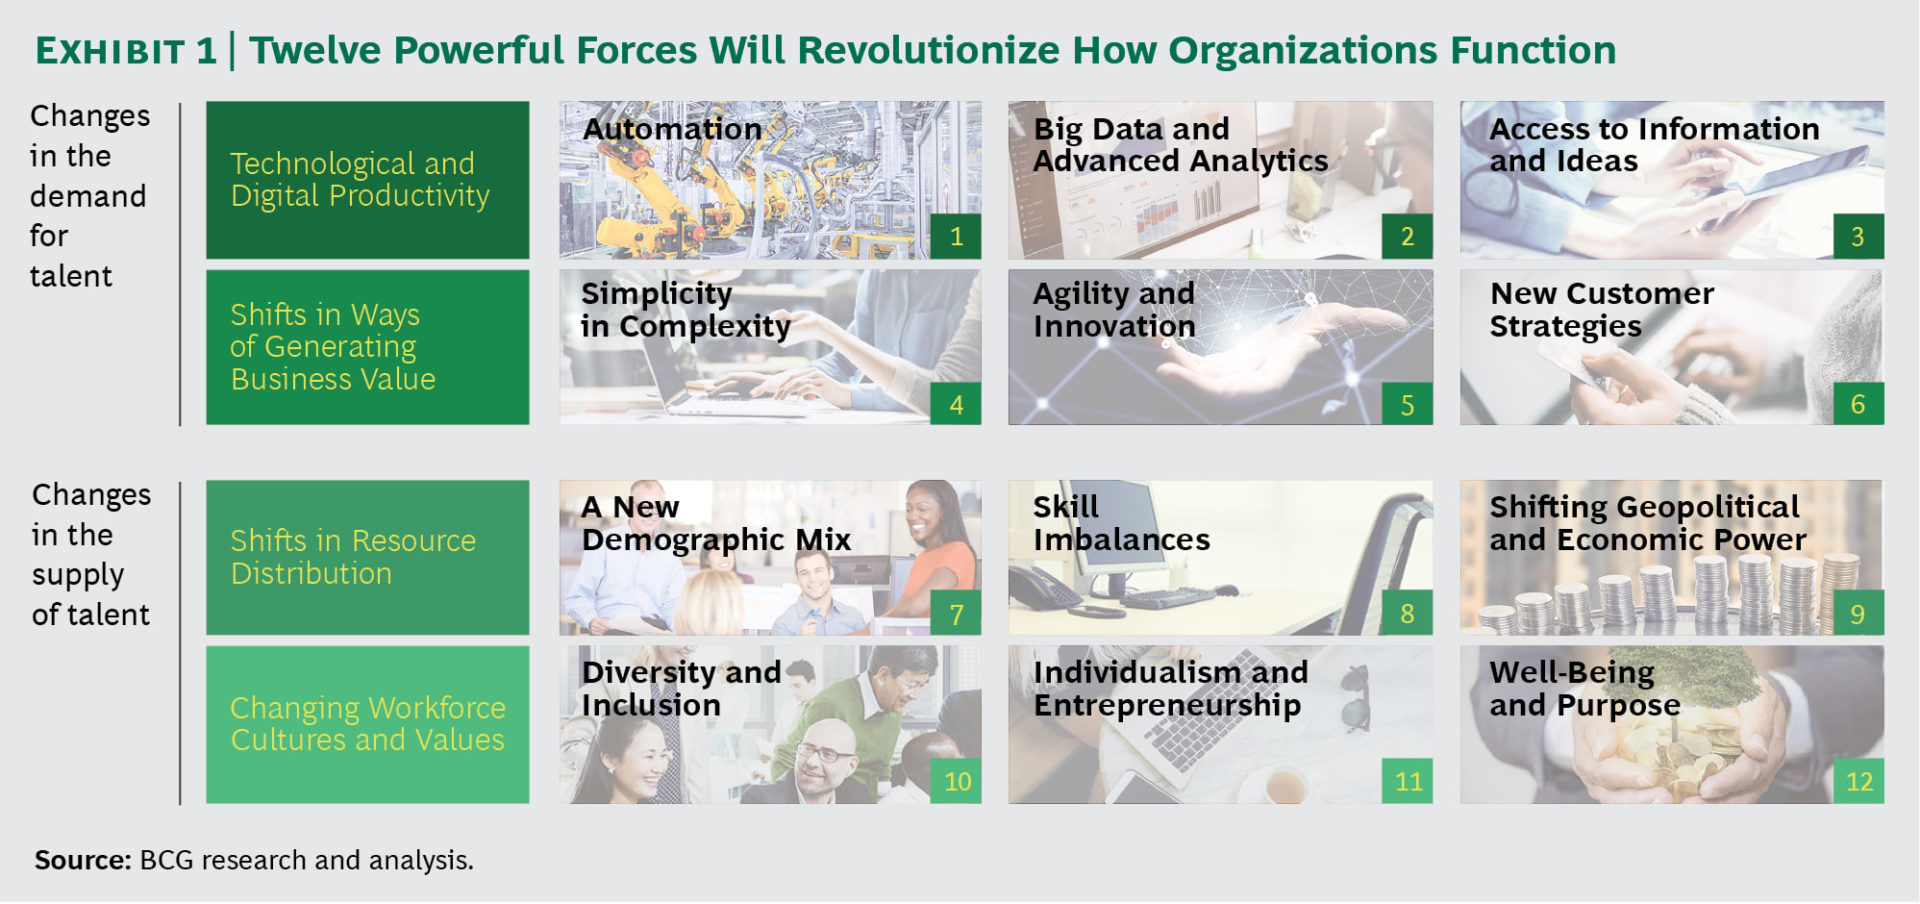 조직의 기능방식을 급변화할 12 요소 1